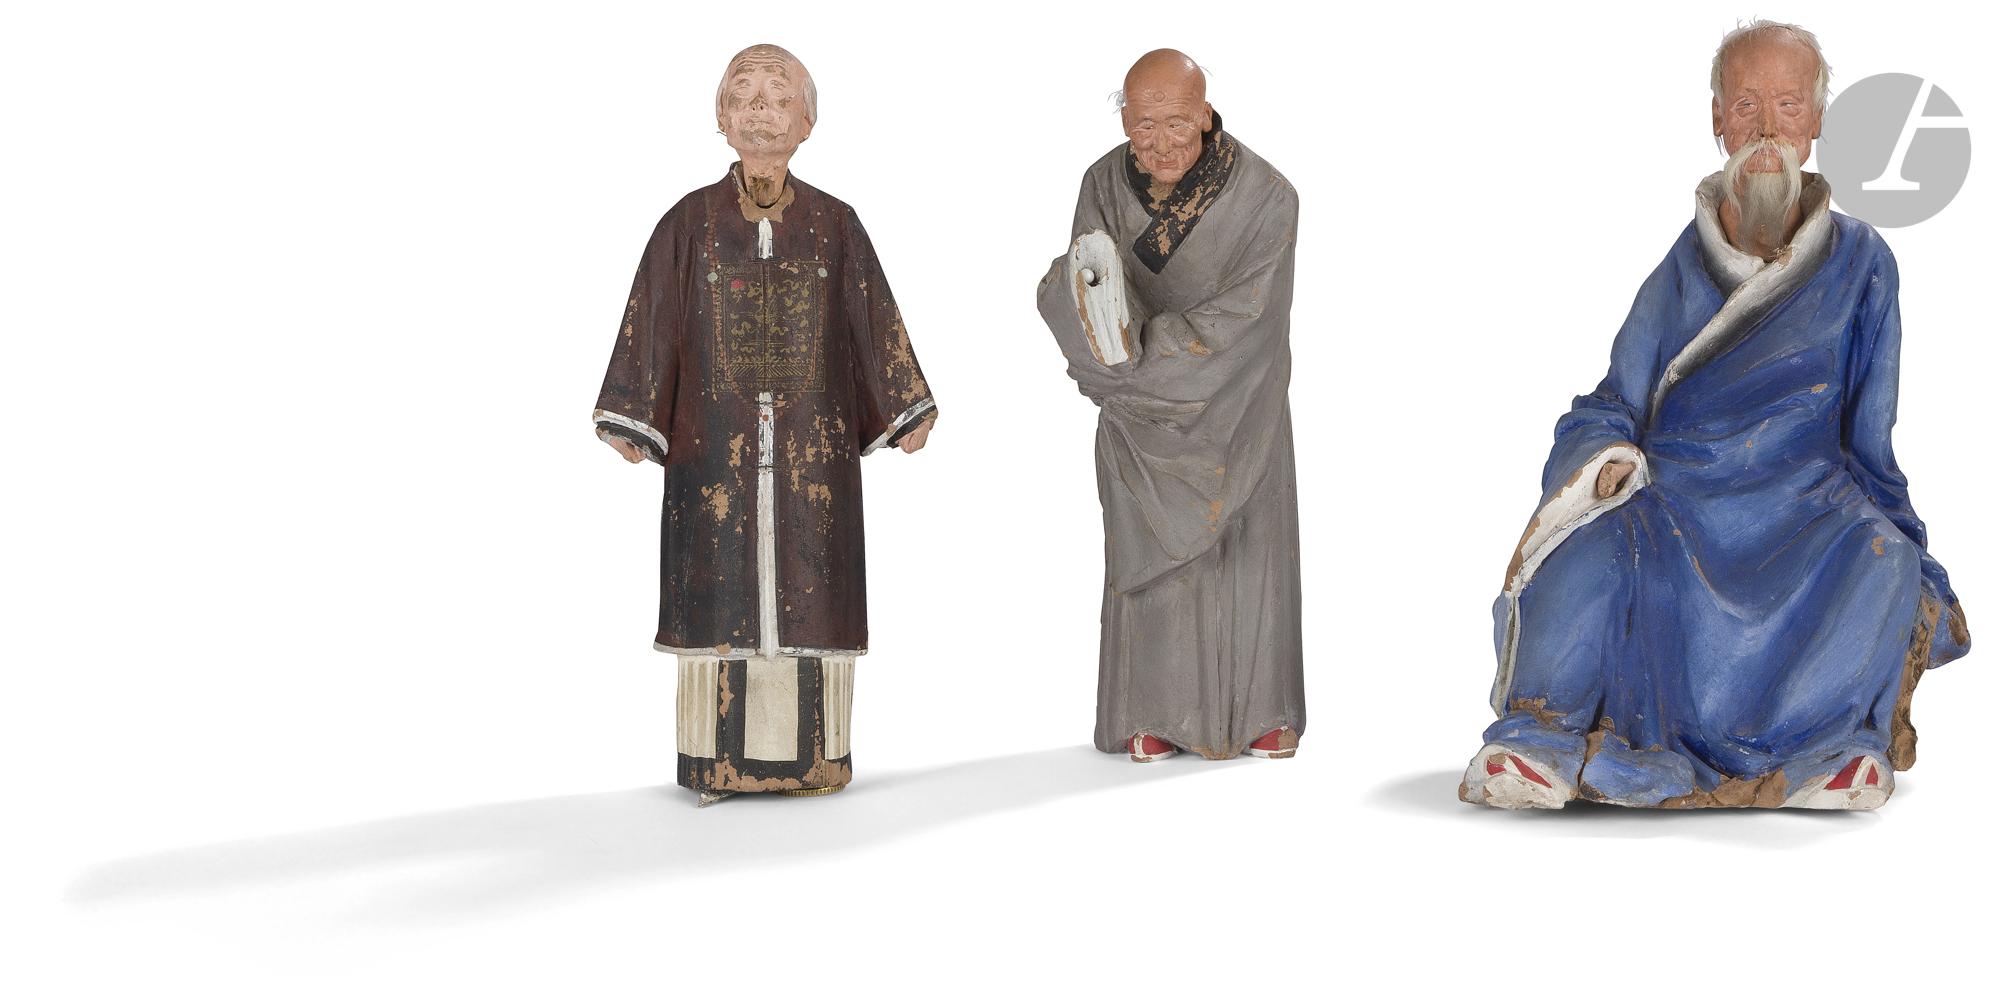 CHINE - XIXe siècle Trois statuettes de personnages en grès peint polychrome représentant des